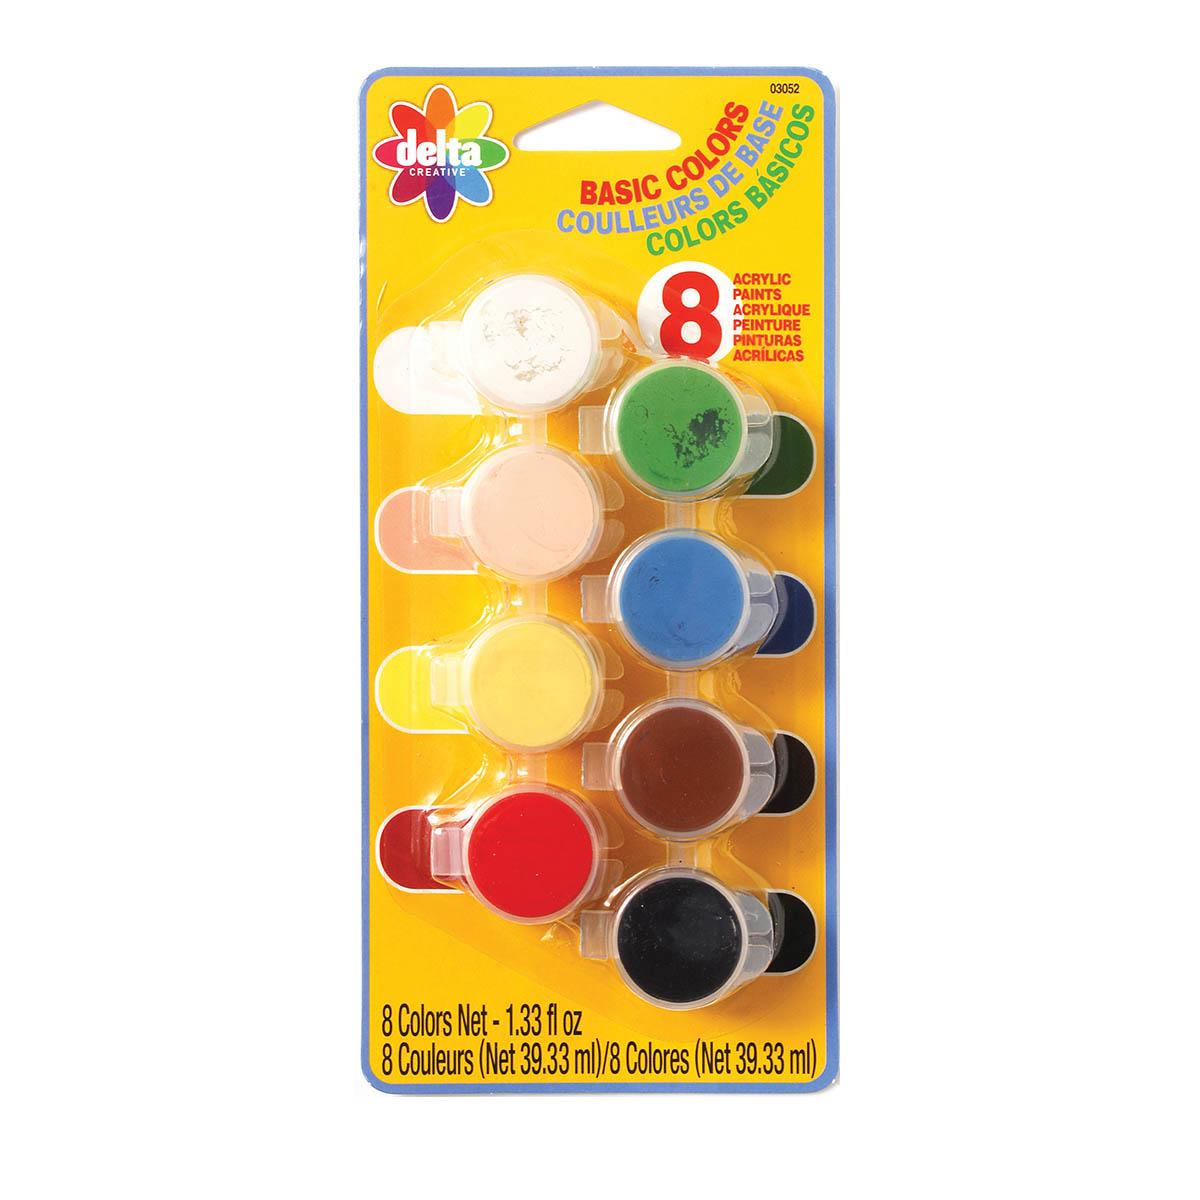 Delta Acrylic Paint  Sets - Basic, 8 Colors